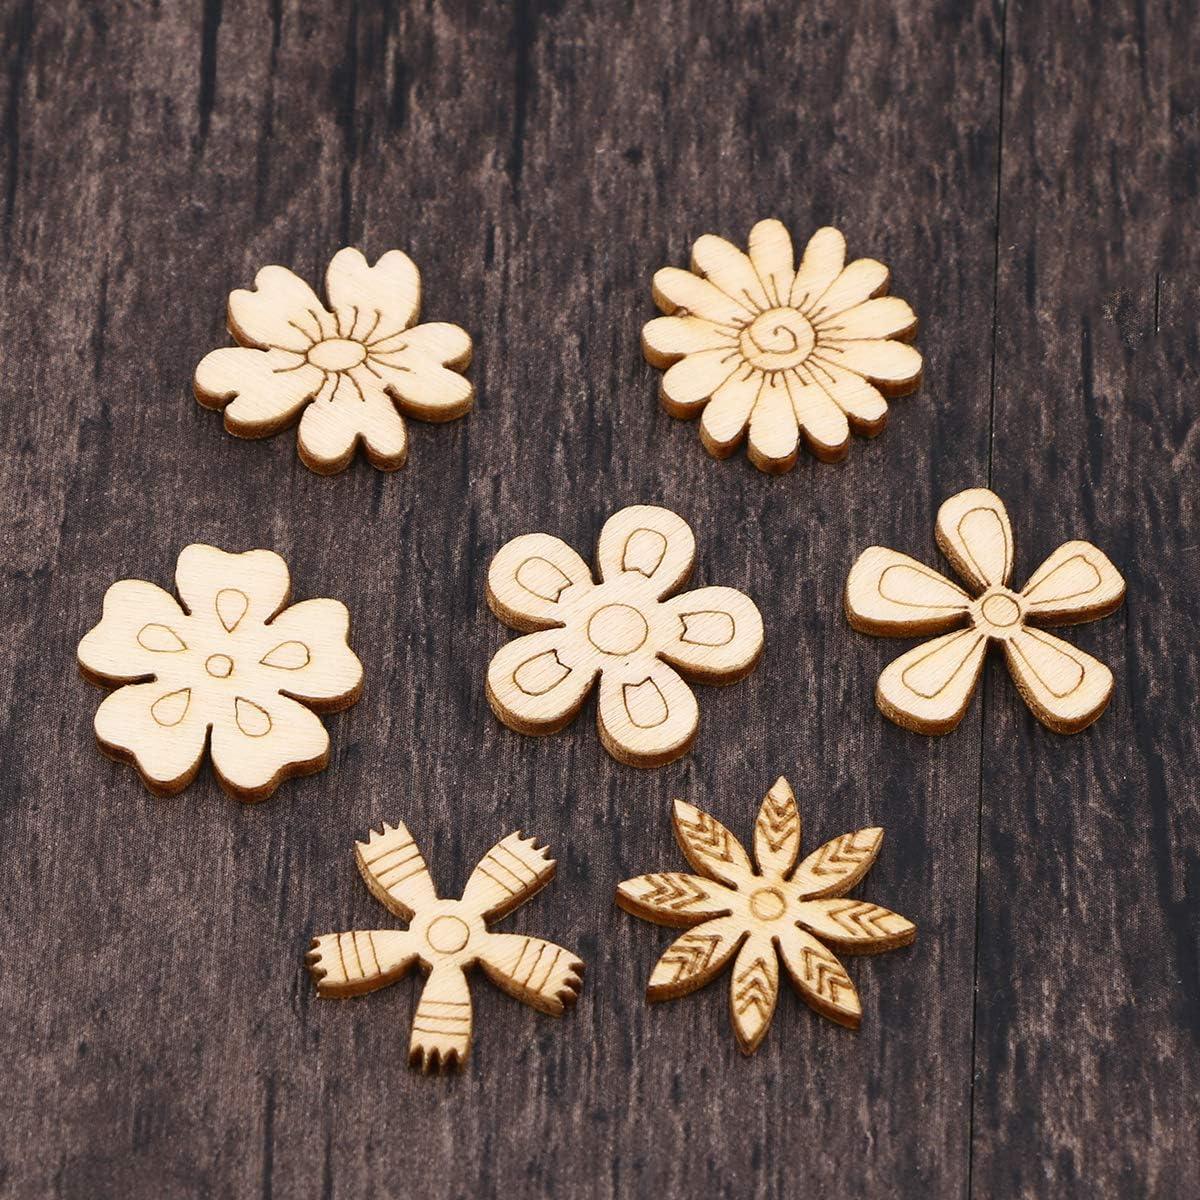 Burlywood Amosfun 100 Piezas Adorno de Madera en Forma de Flores Hojas Piezas de Madera para Scrapbooking Bricolaje